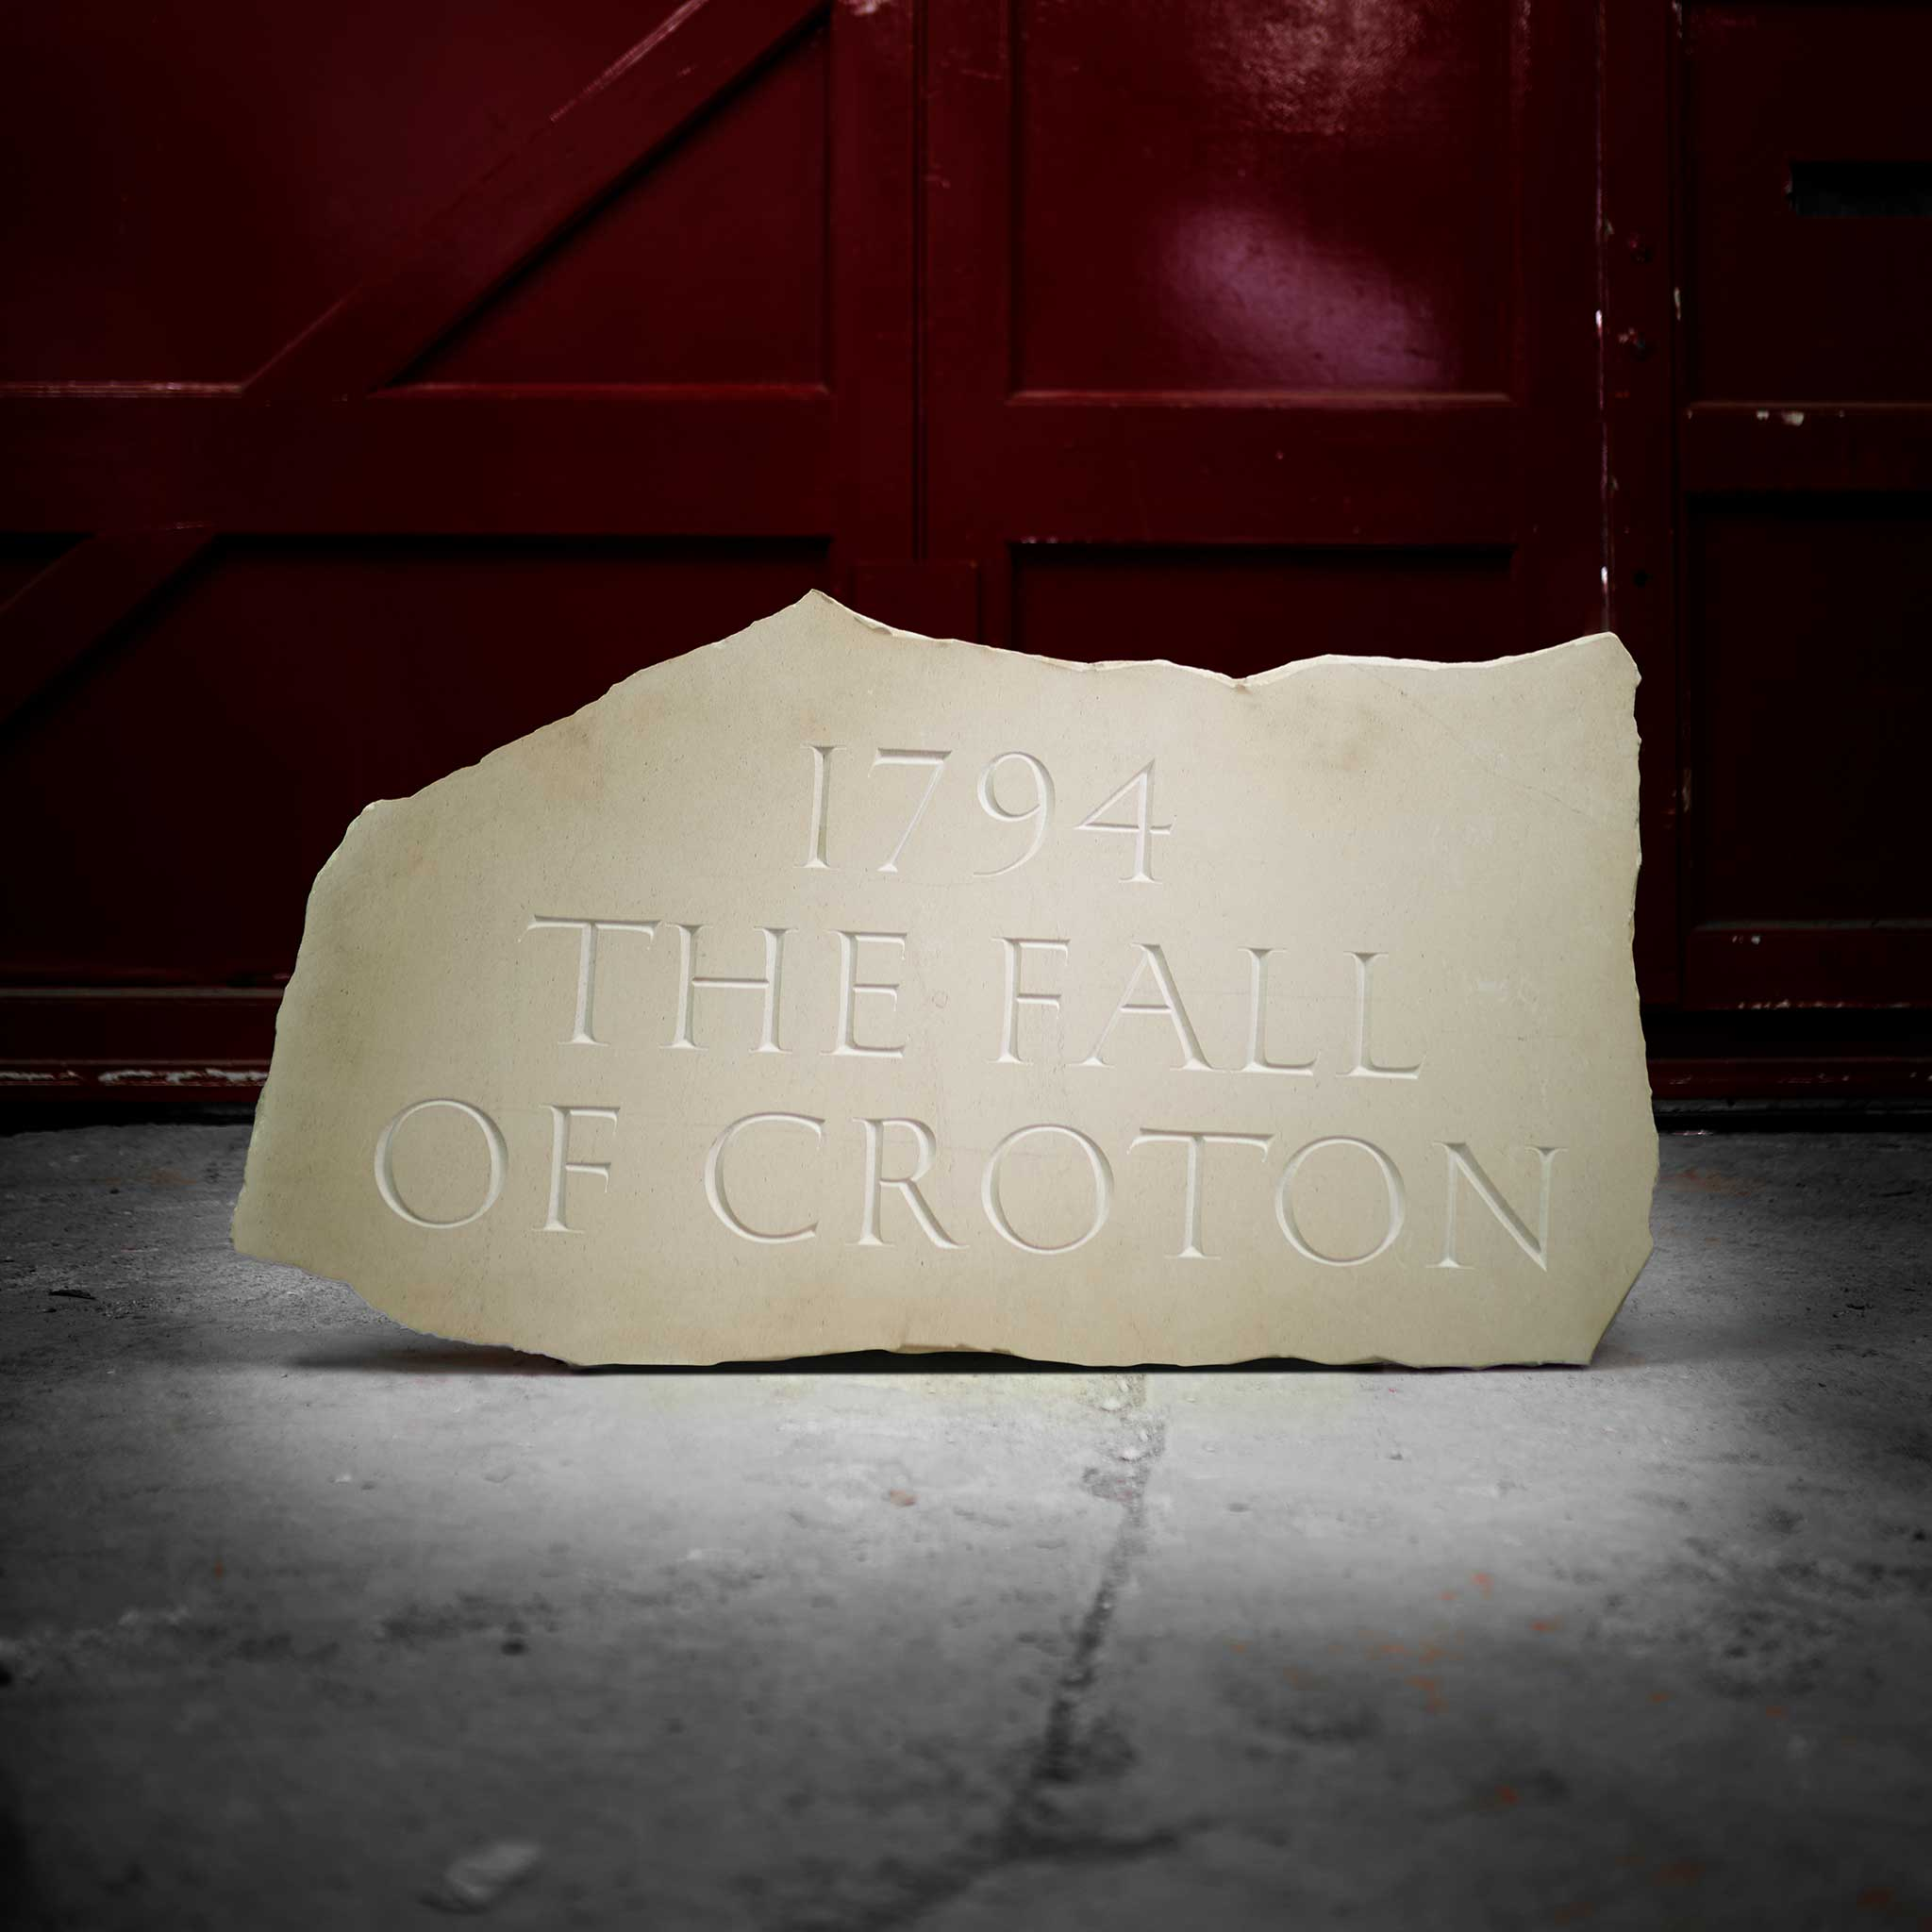 § IAN HAMILTON FINLAY (SCOTTISH 1925-2006) '1794 - THE FALL OF CROTON', 1994 - Image 3 of 3